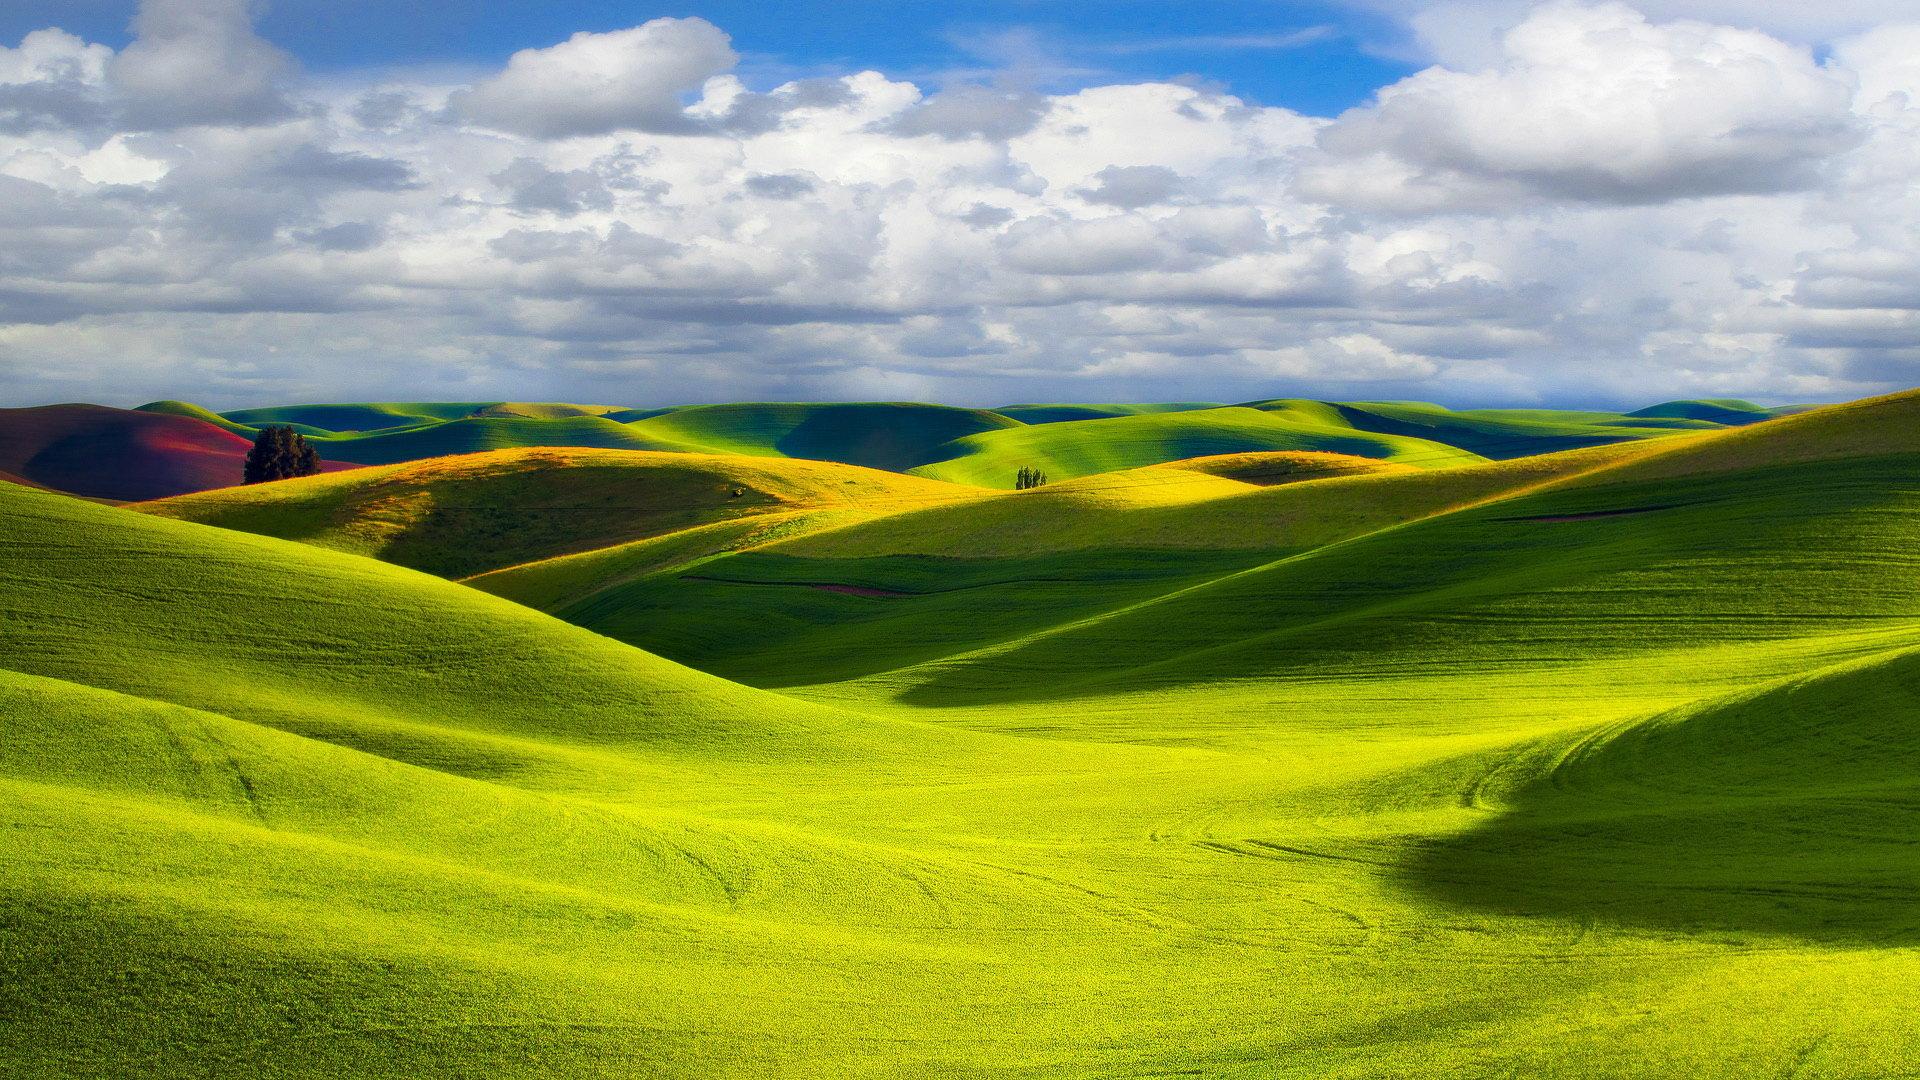 清新自然大草原好看的风景图片